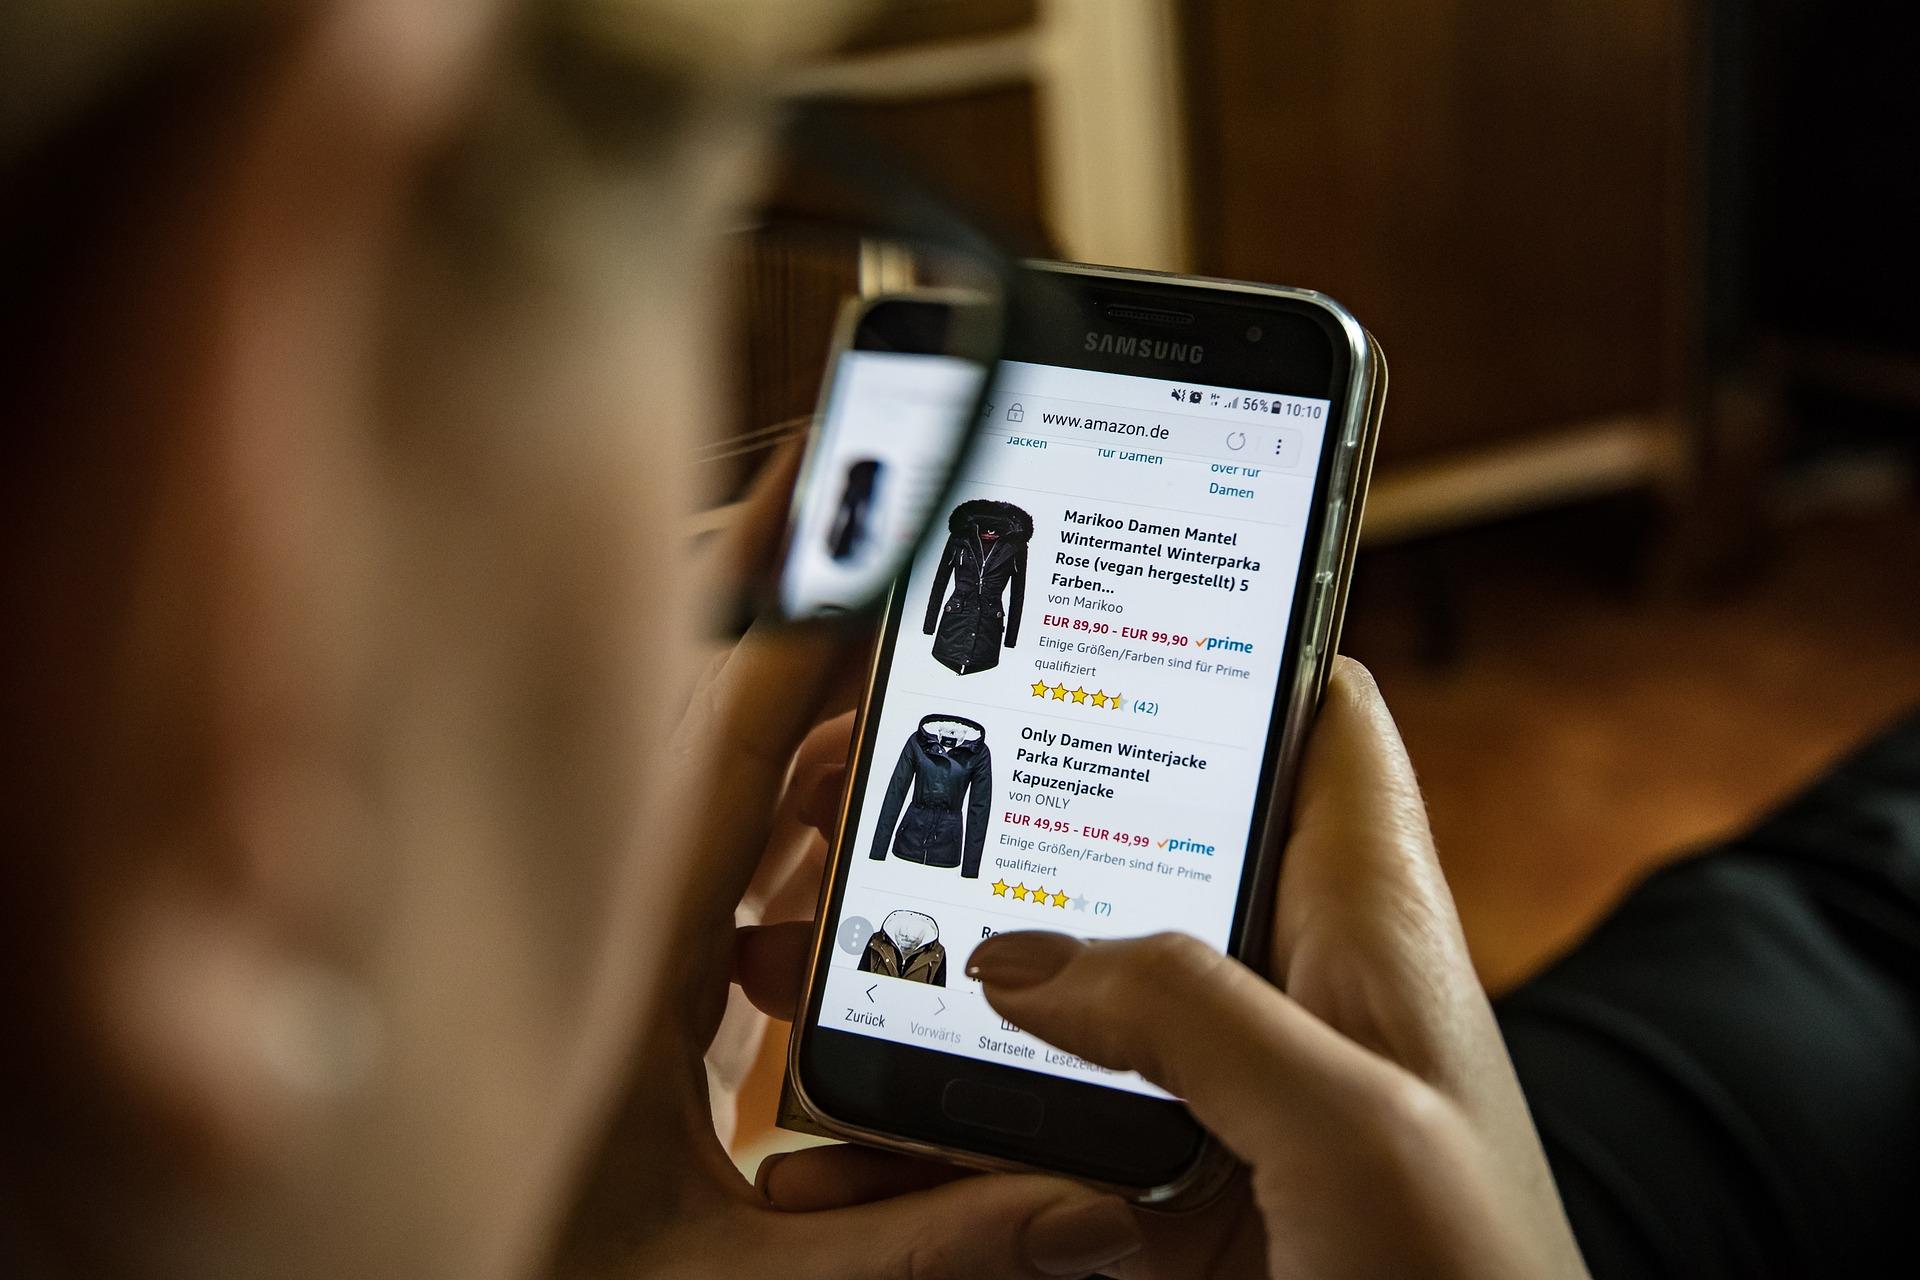 关于美国年轻消费者行为最新研究报告:名人的影响力没有业界想象的那么大